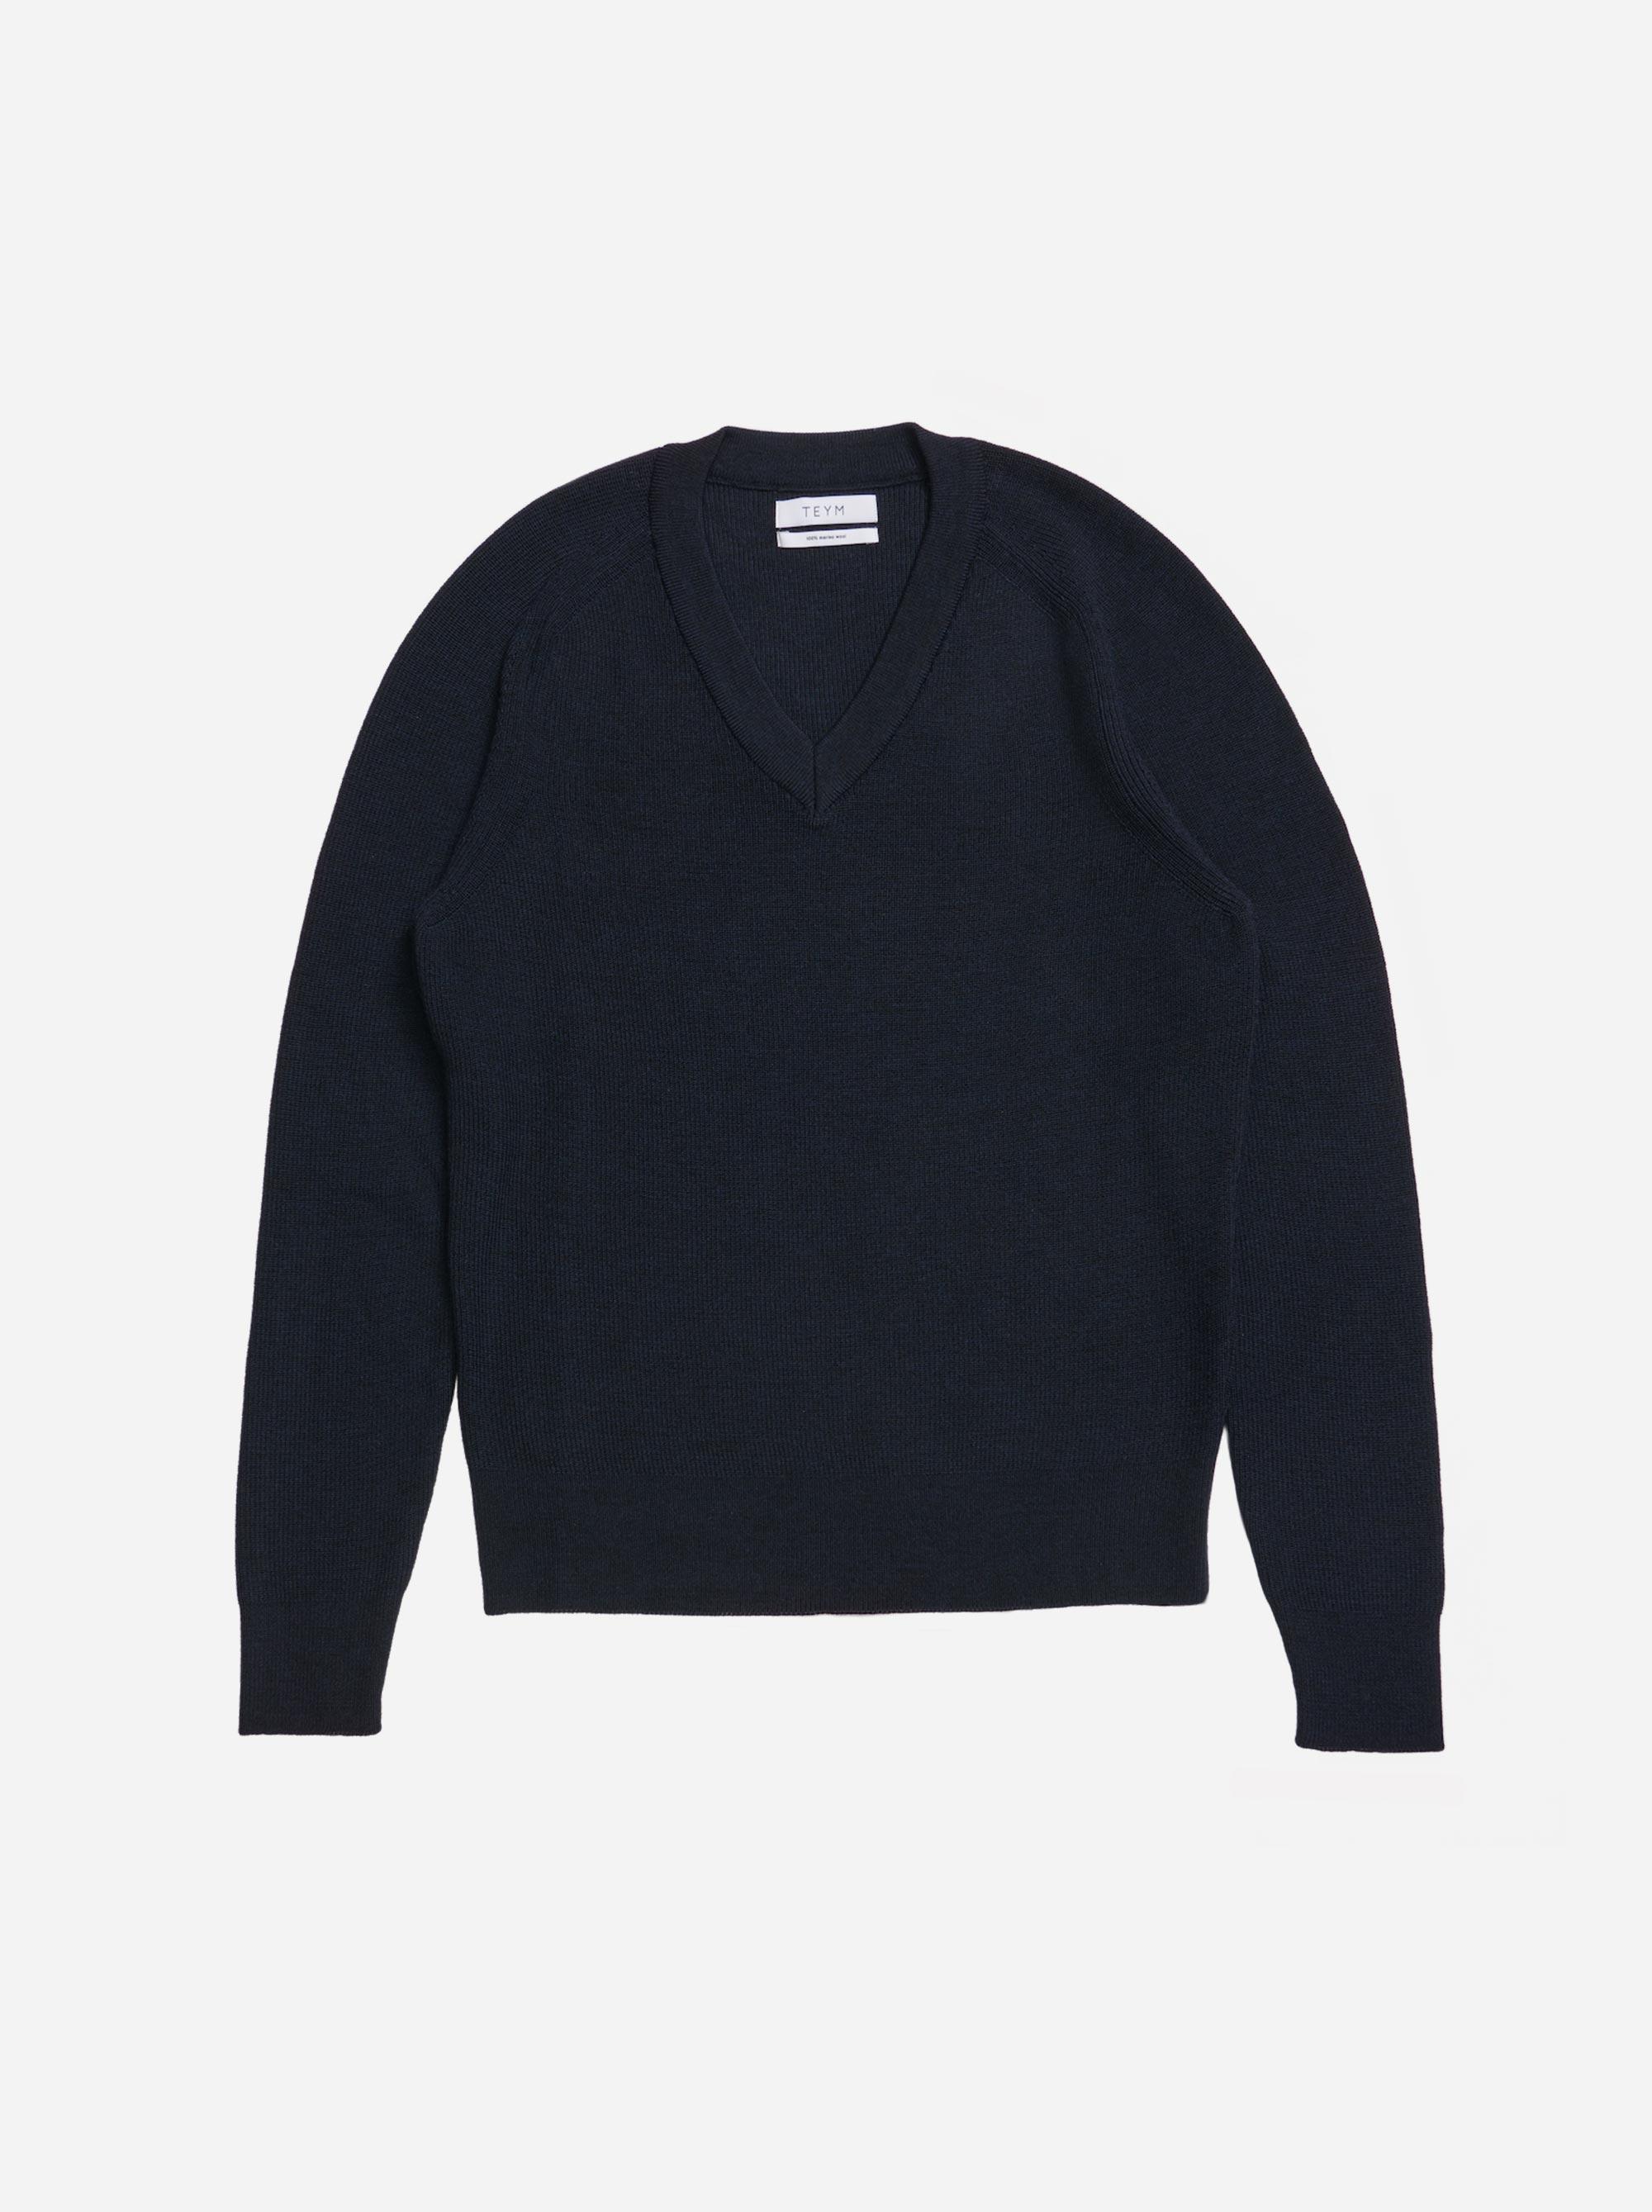 Teym - V-Neck - The Merino Sweater - Men - Blue - 4